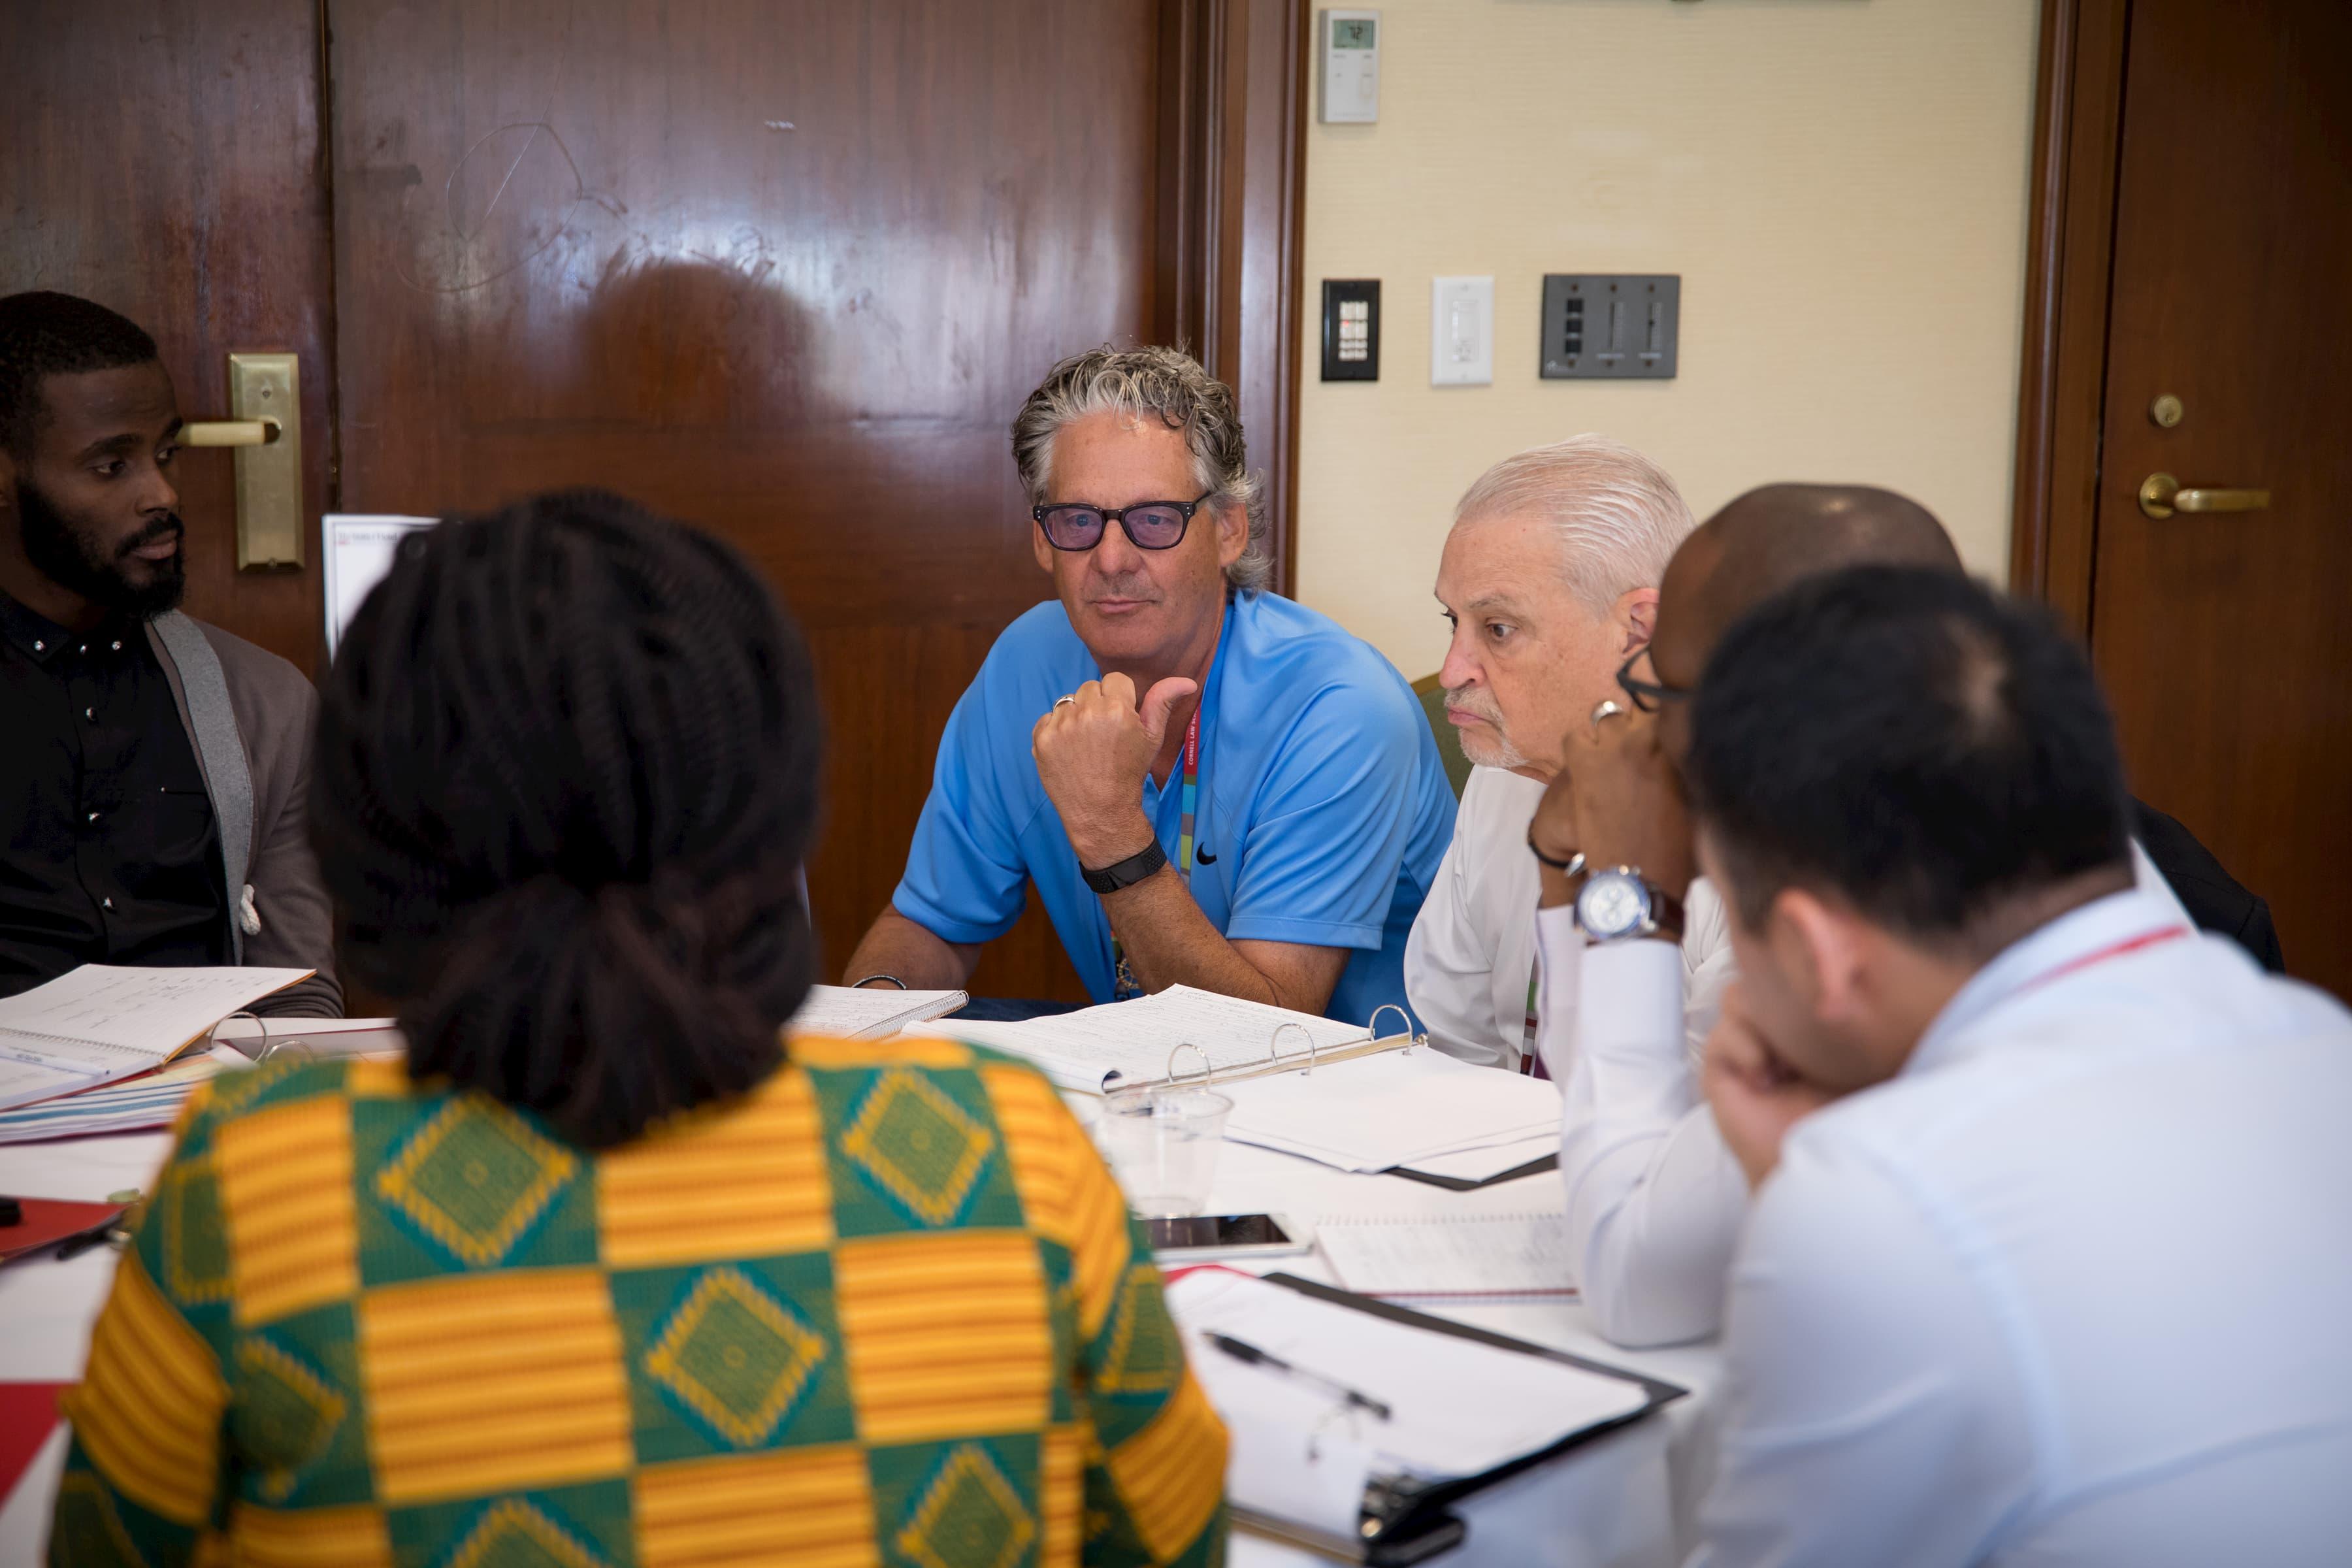 Un homme en chemise bleue est assis à une table ronde avec cinq autres personnes.